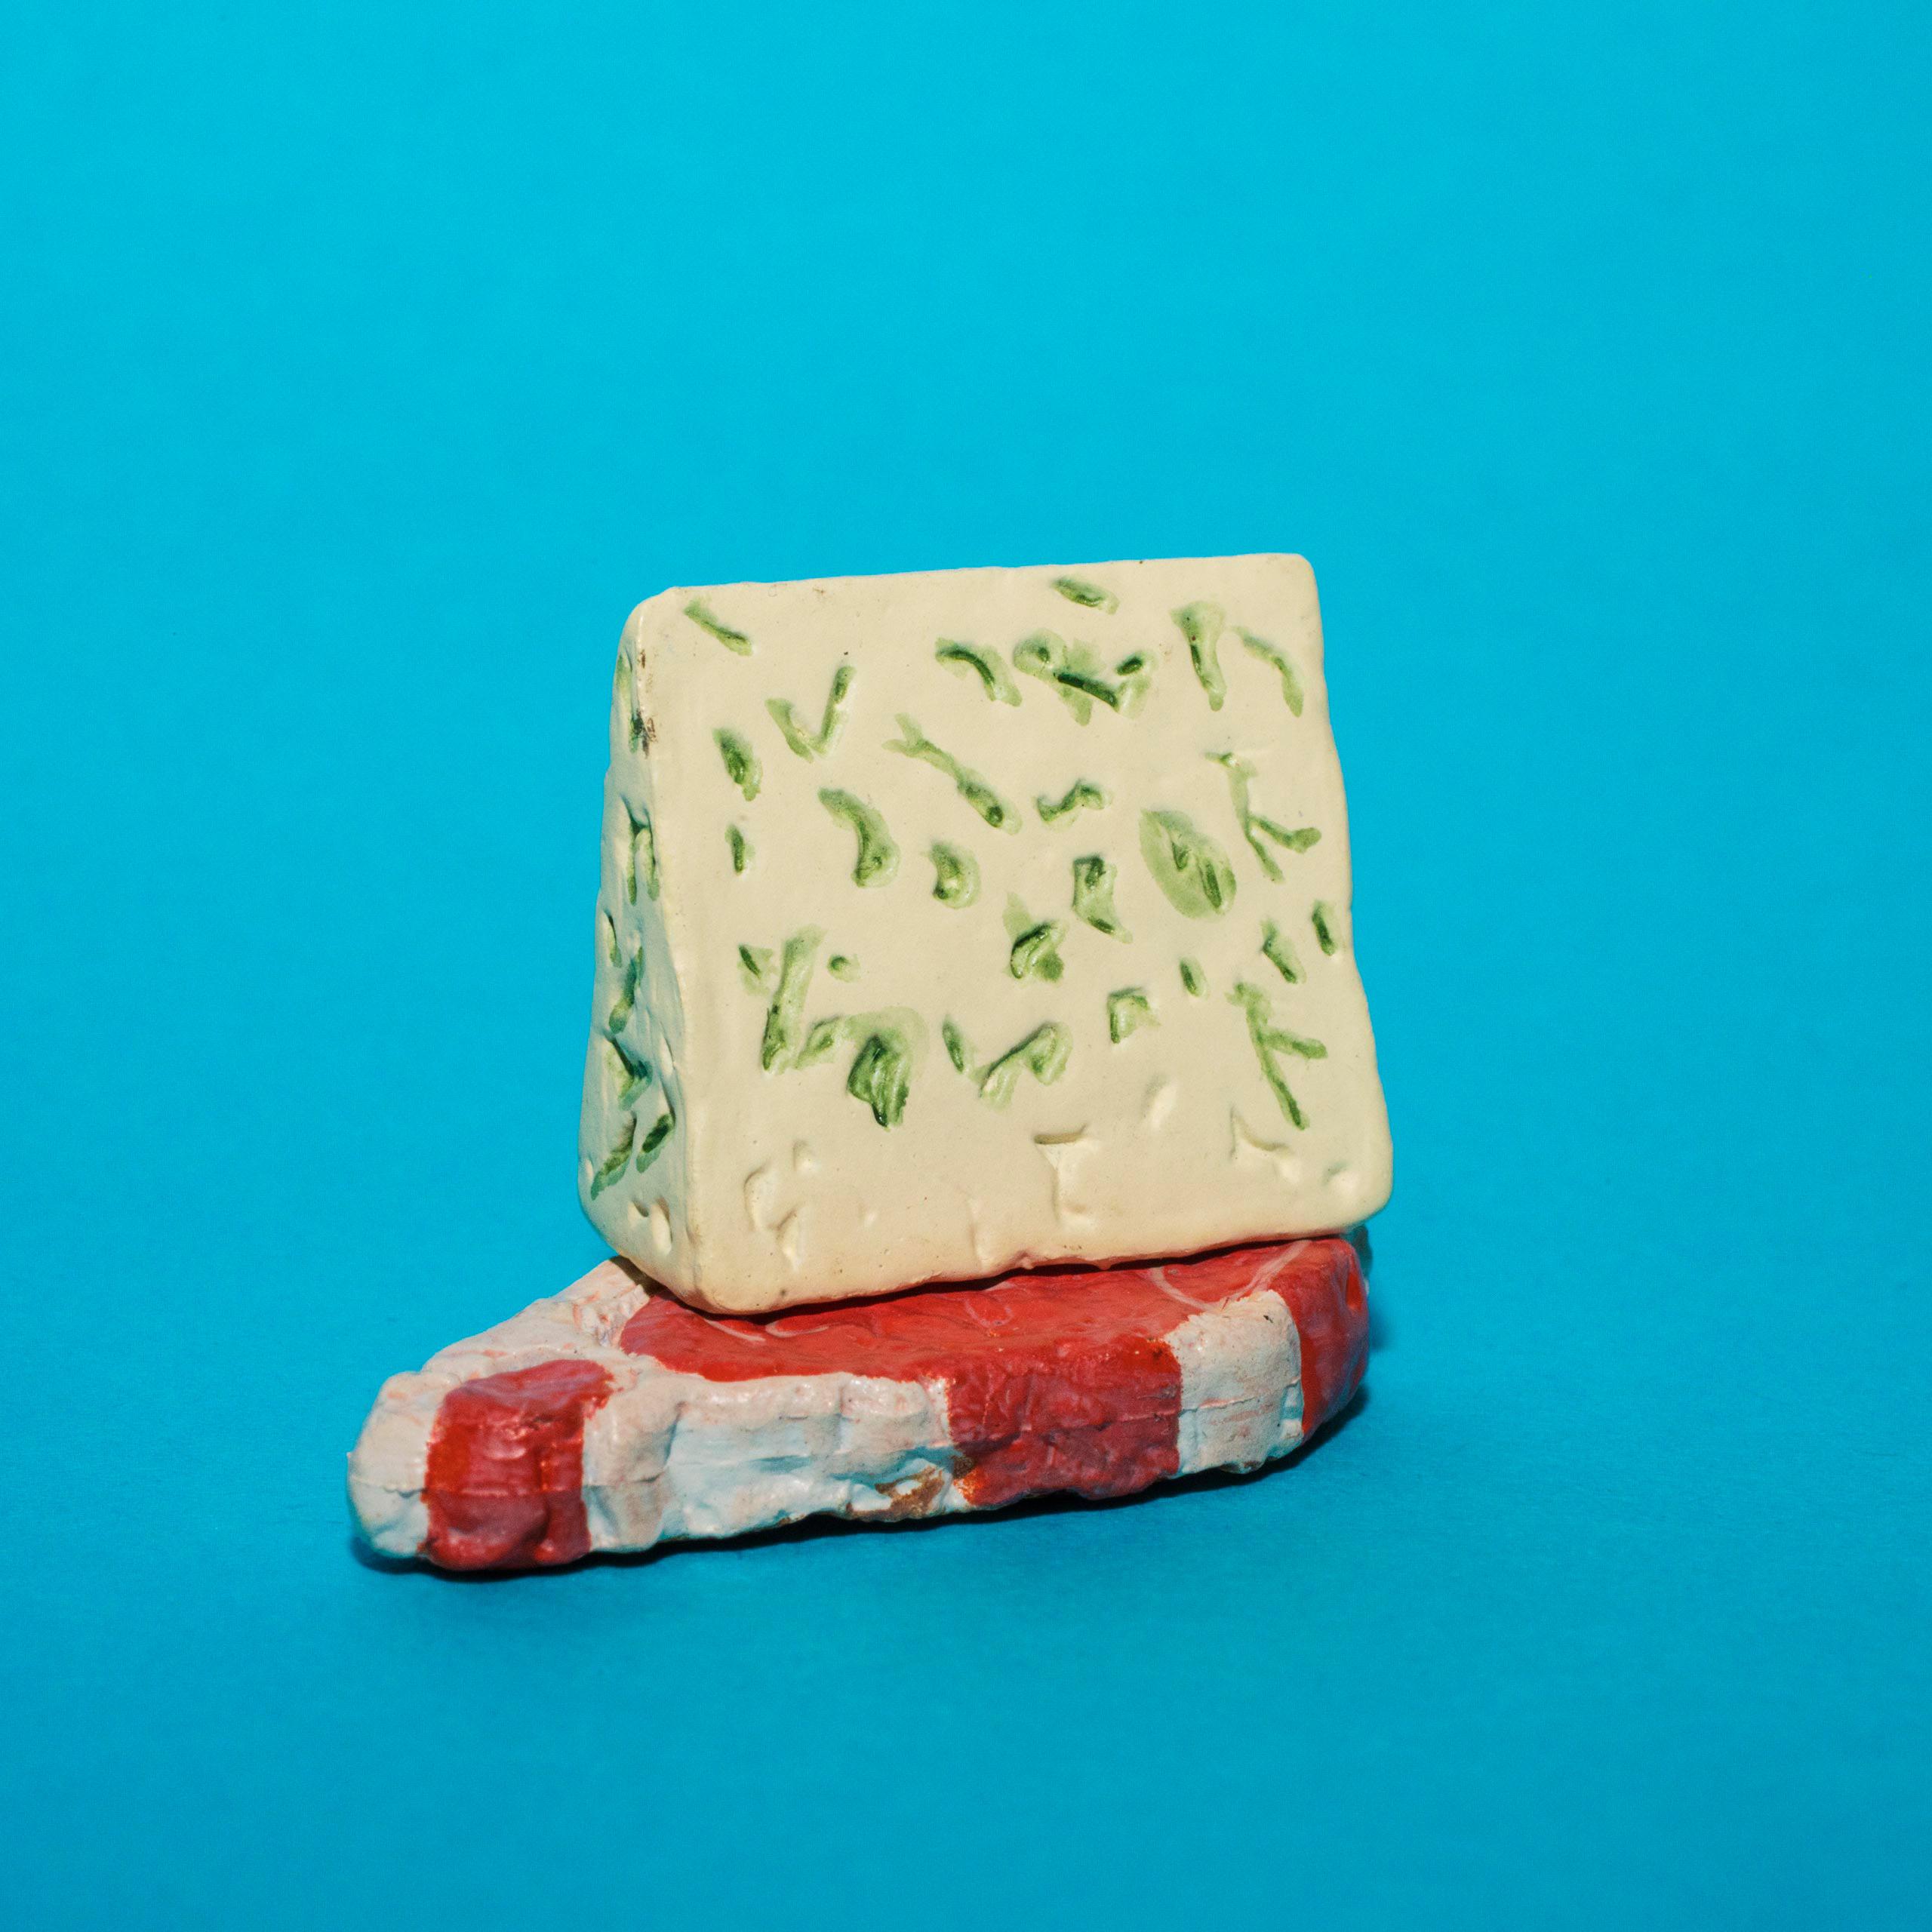 #blue #cheese #steak #thingsarequeer #ブルー #チーズ #ステーキ